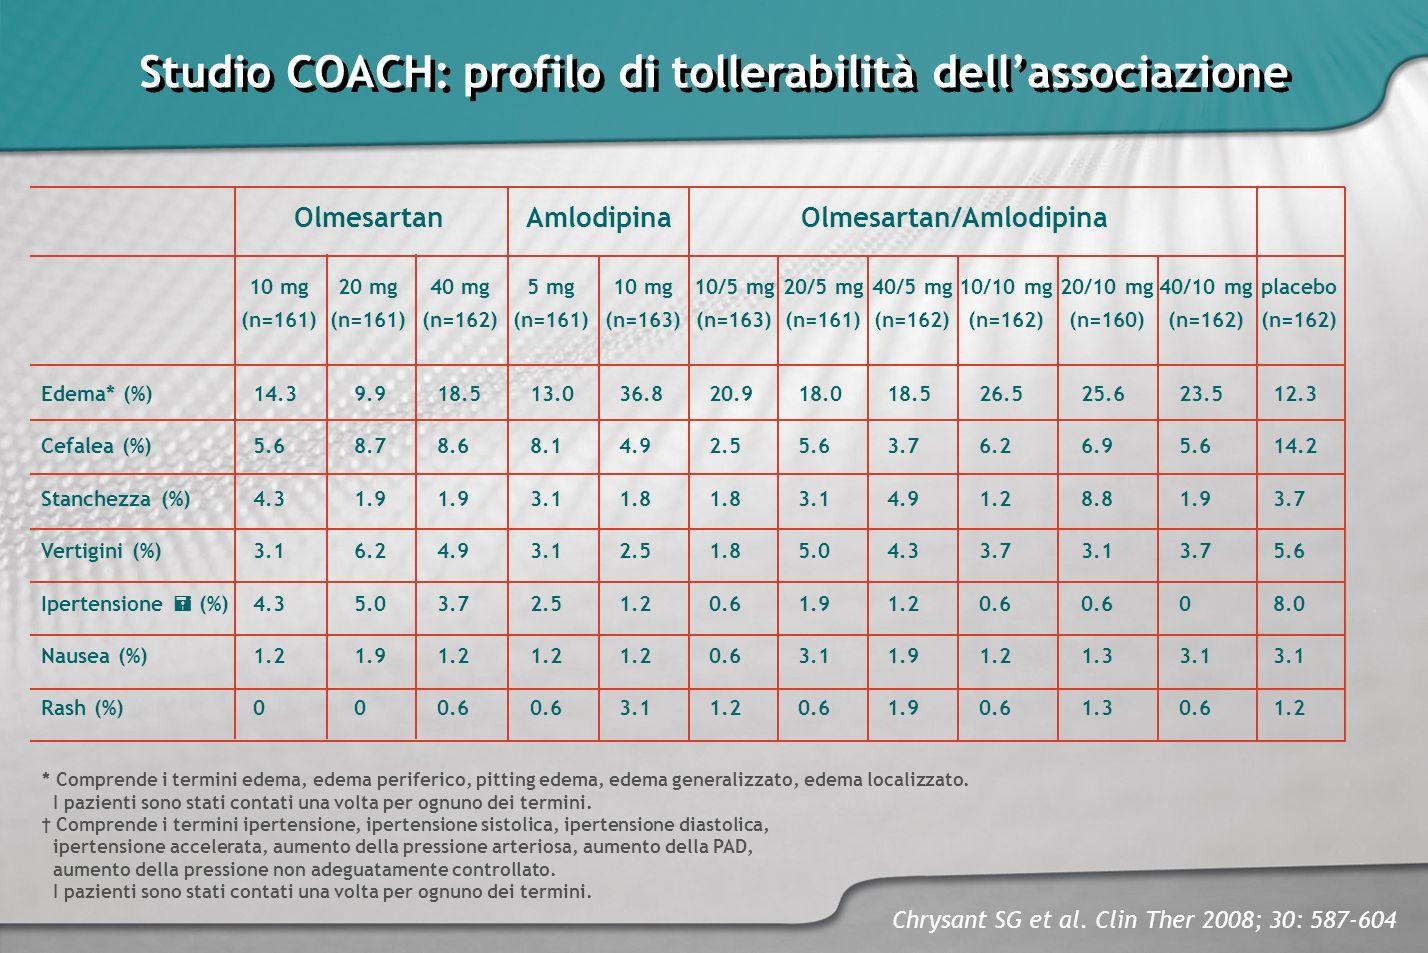 Studio COACH: profilo di tollerabilità dell'associazione